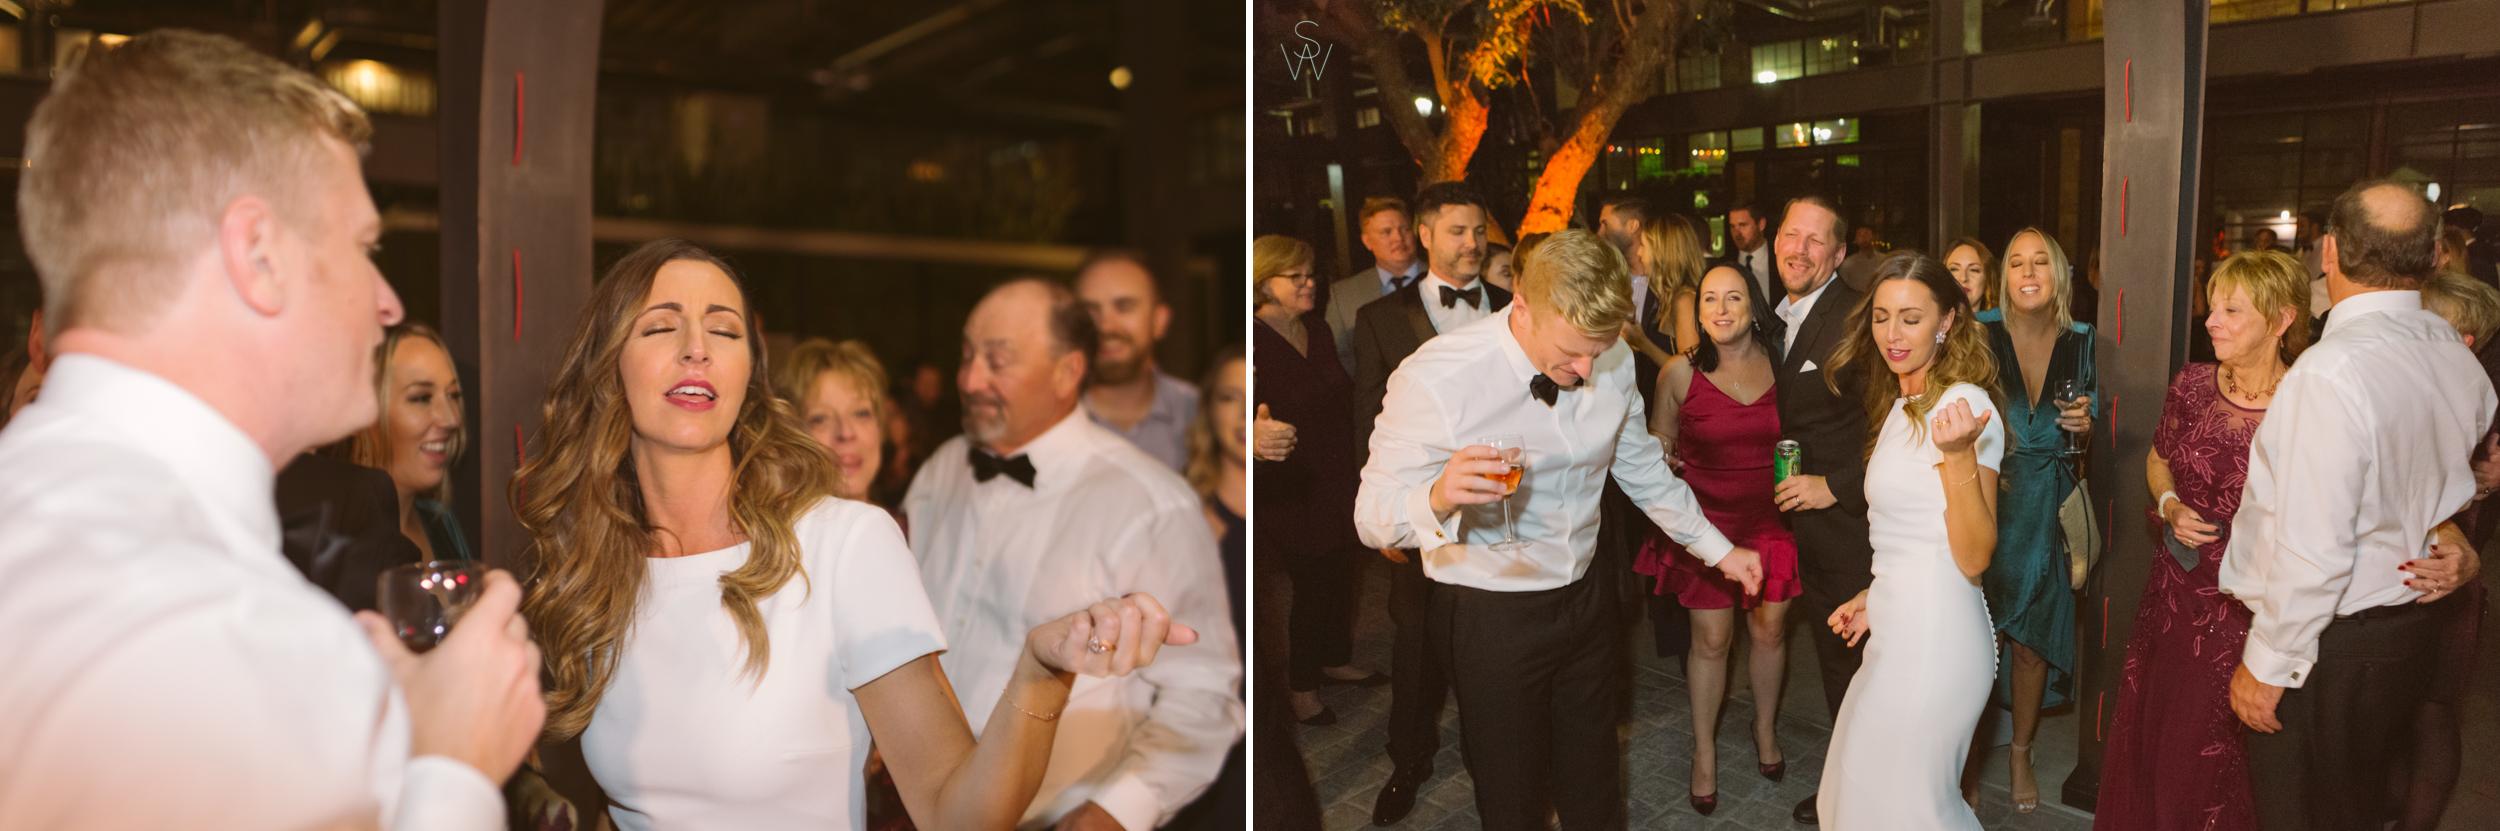 183THE.UNDERGROUND.ELEPHANT.Dancefloor.wedding.photography.shewanders.JPG